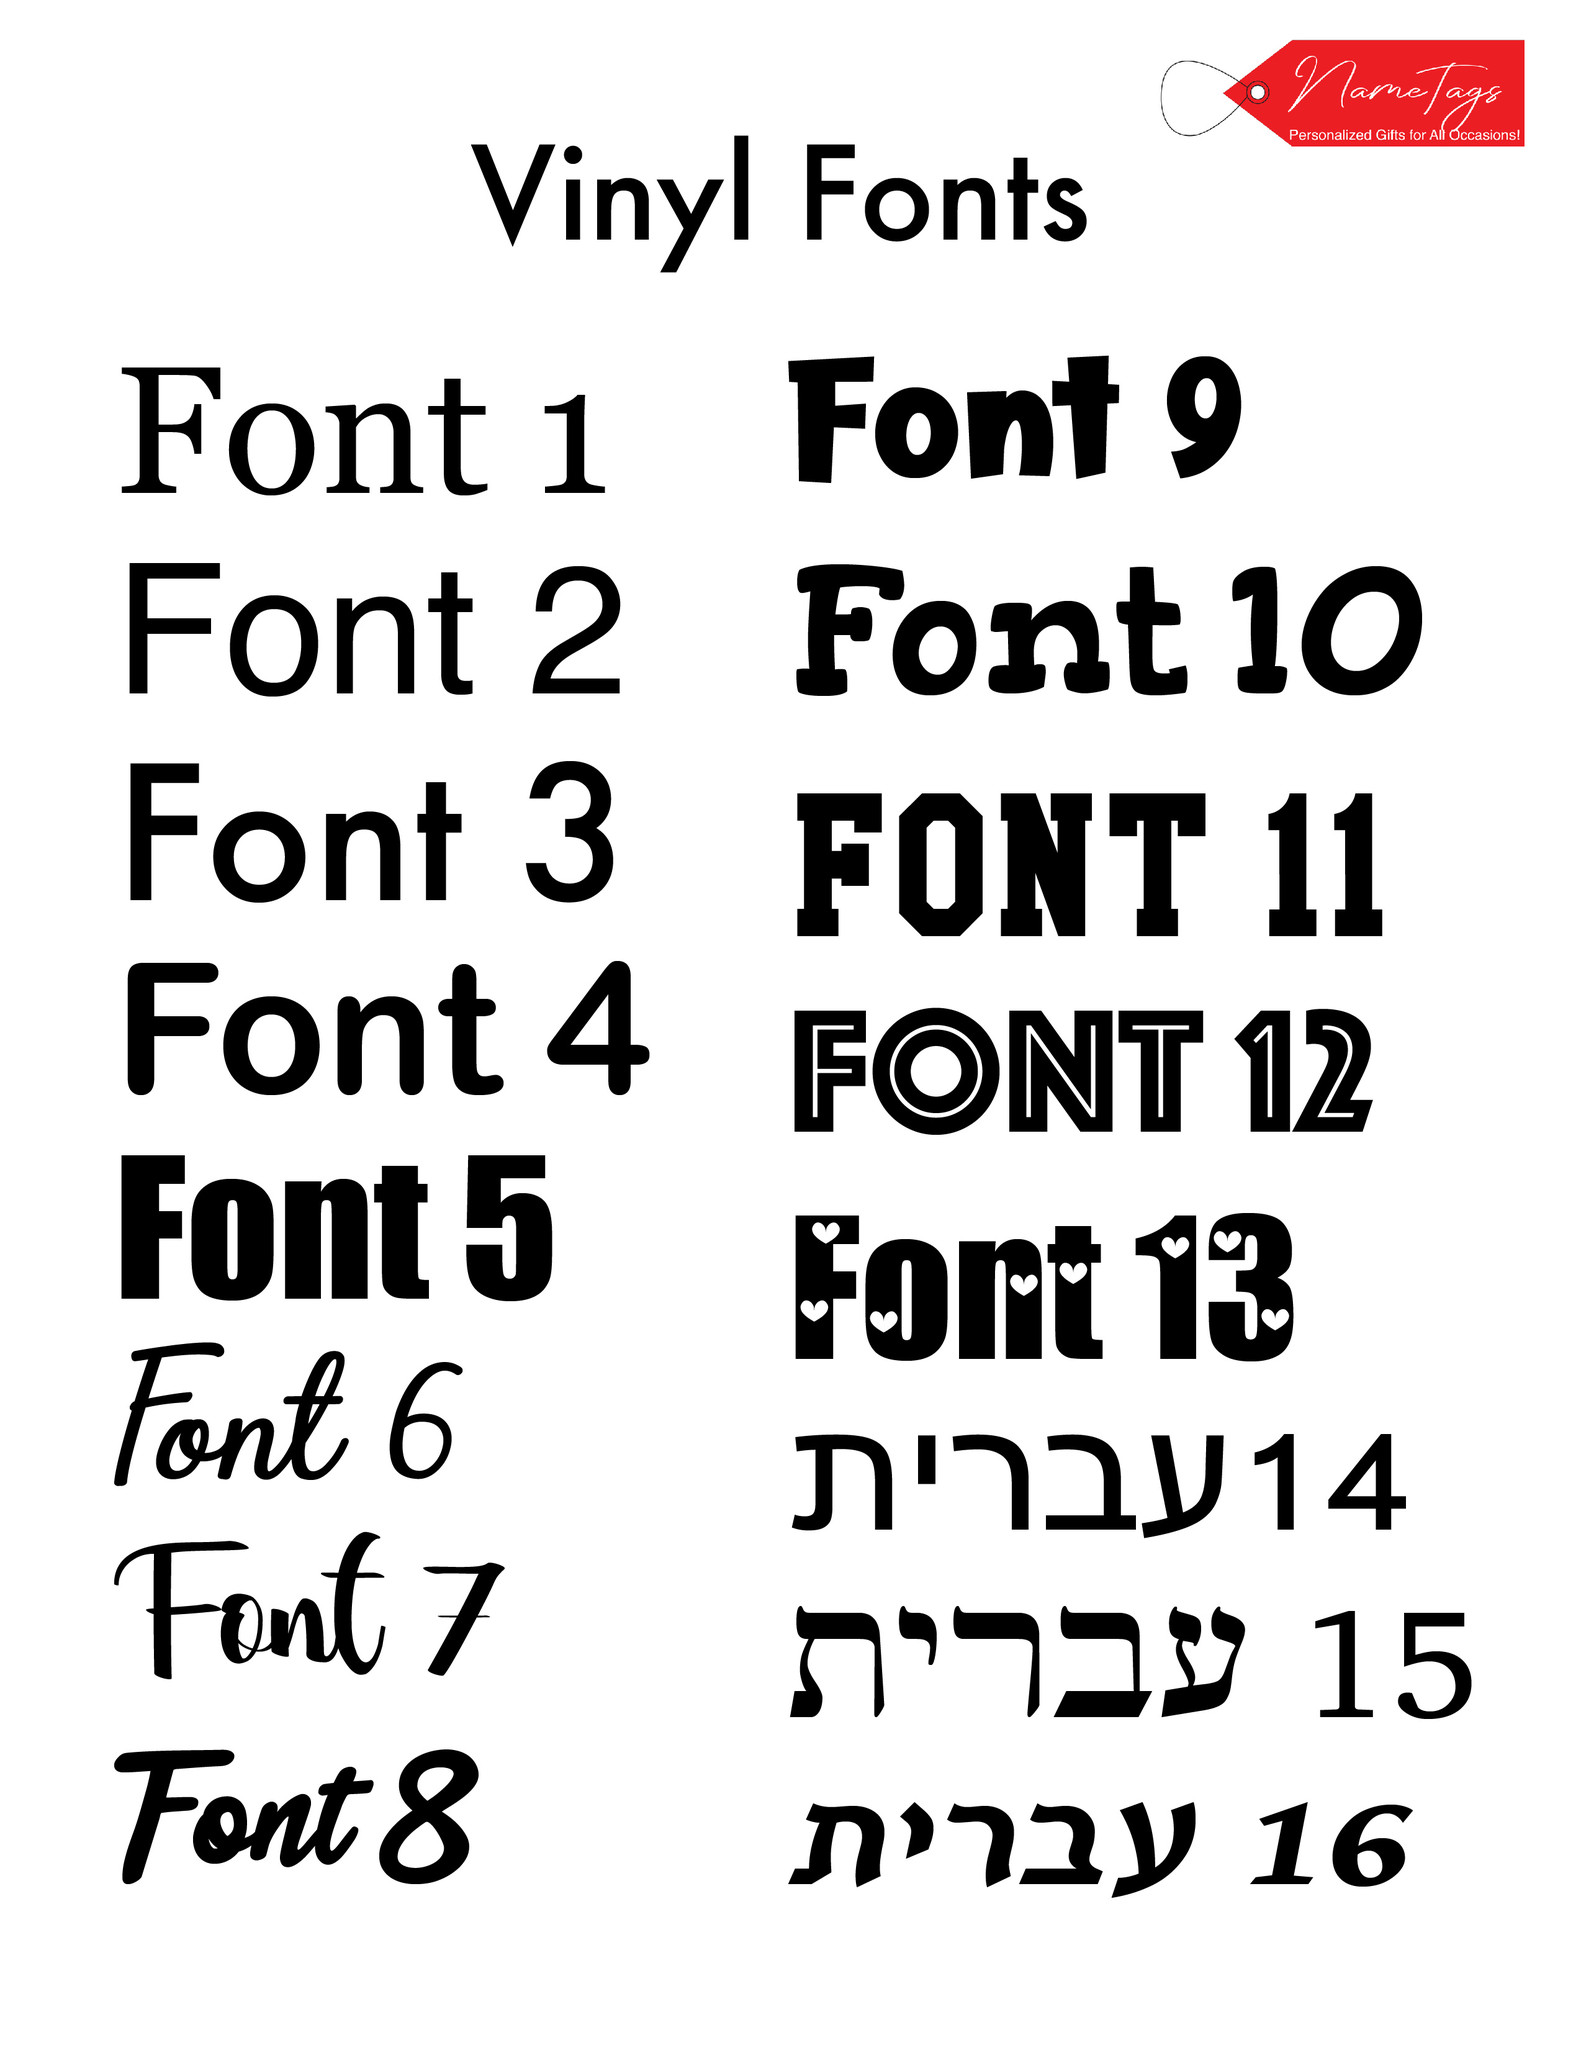 Vinyl Fonts